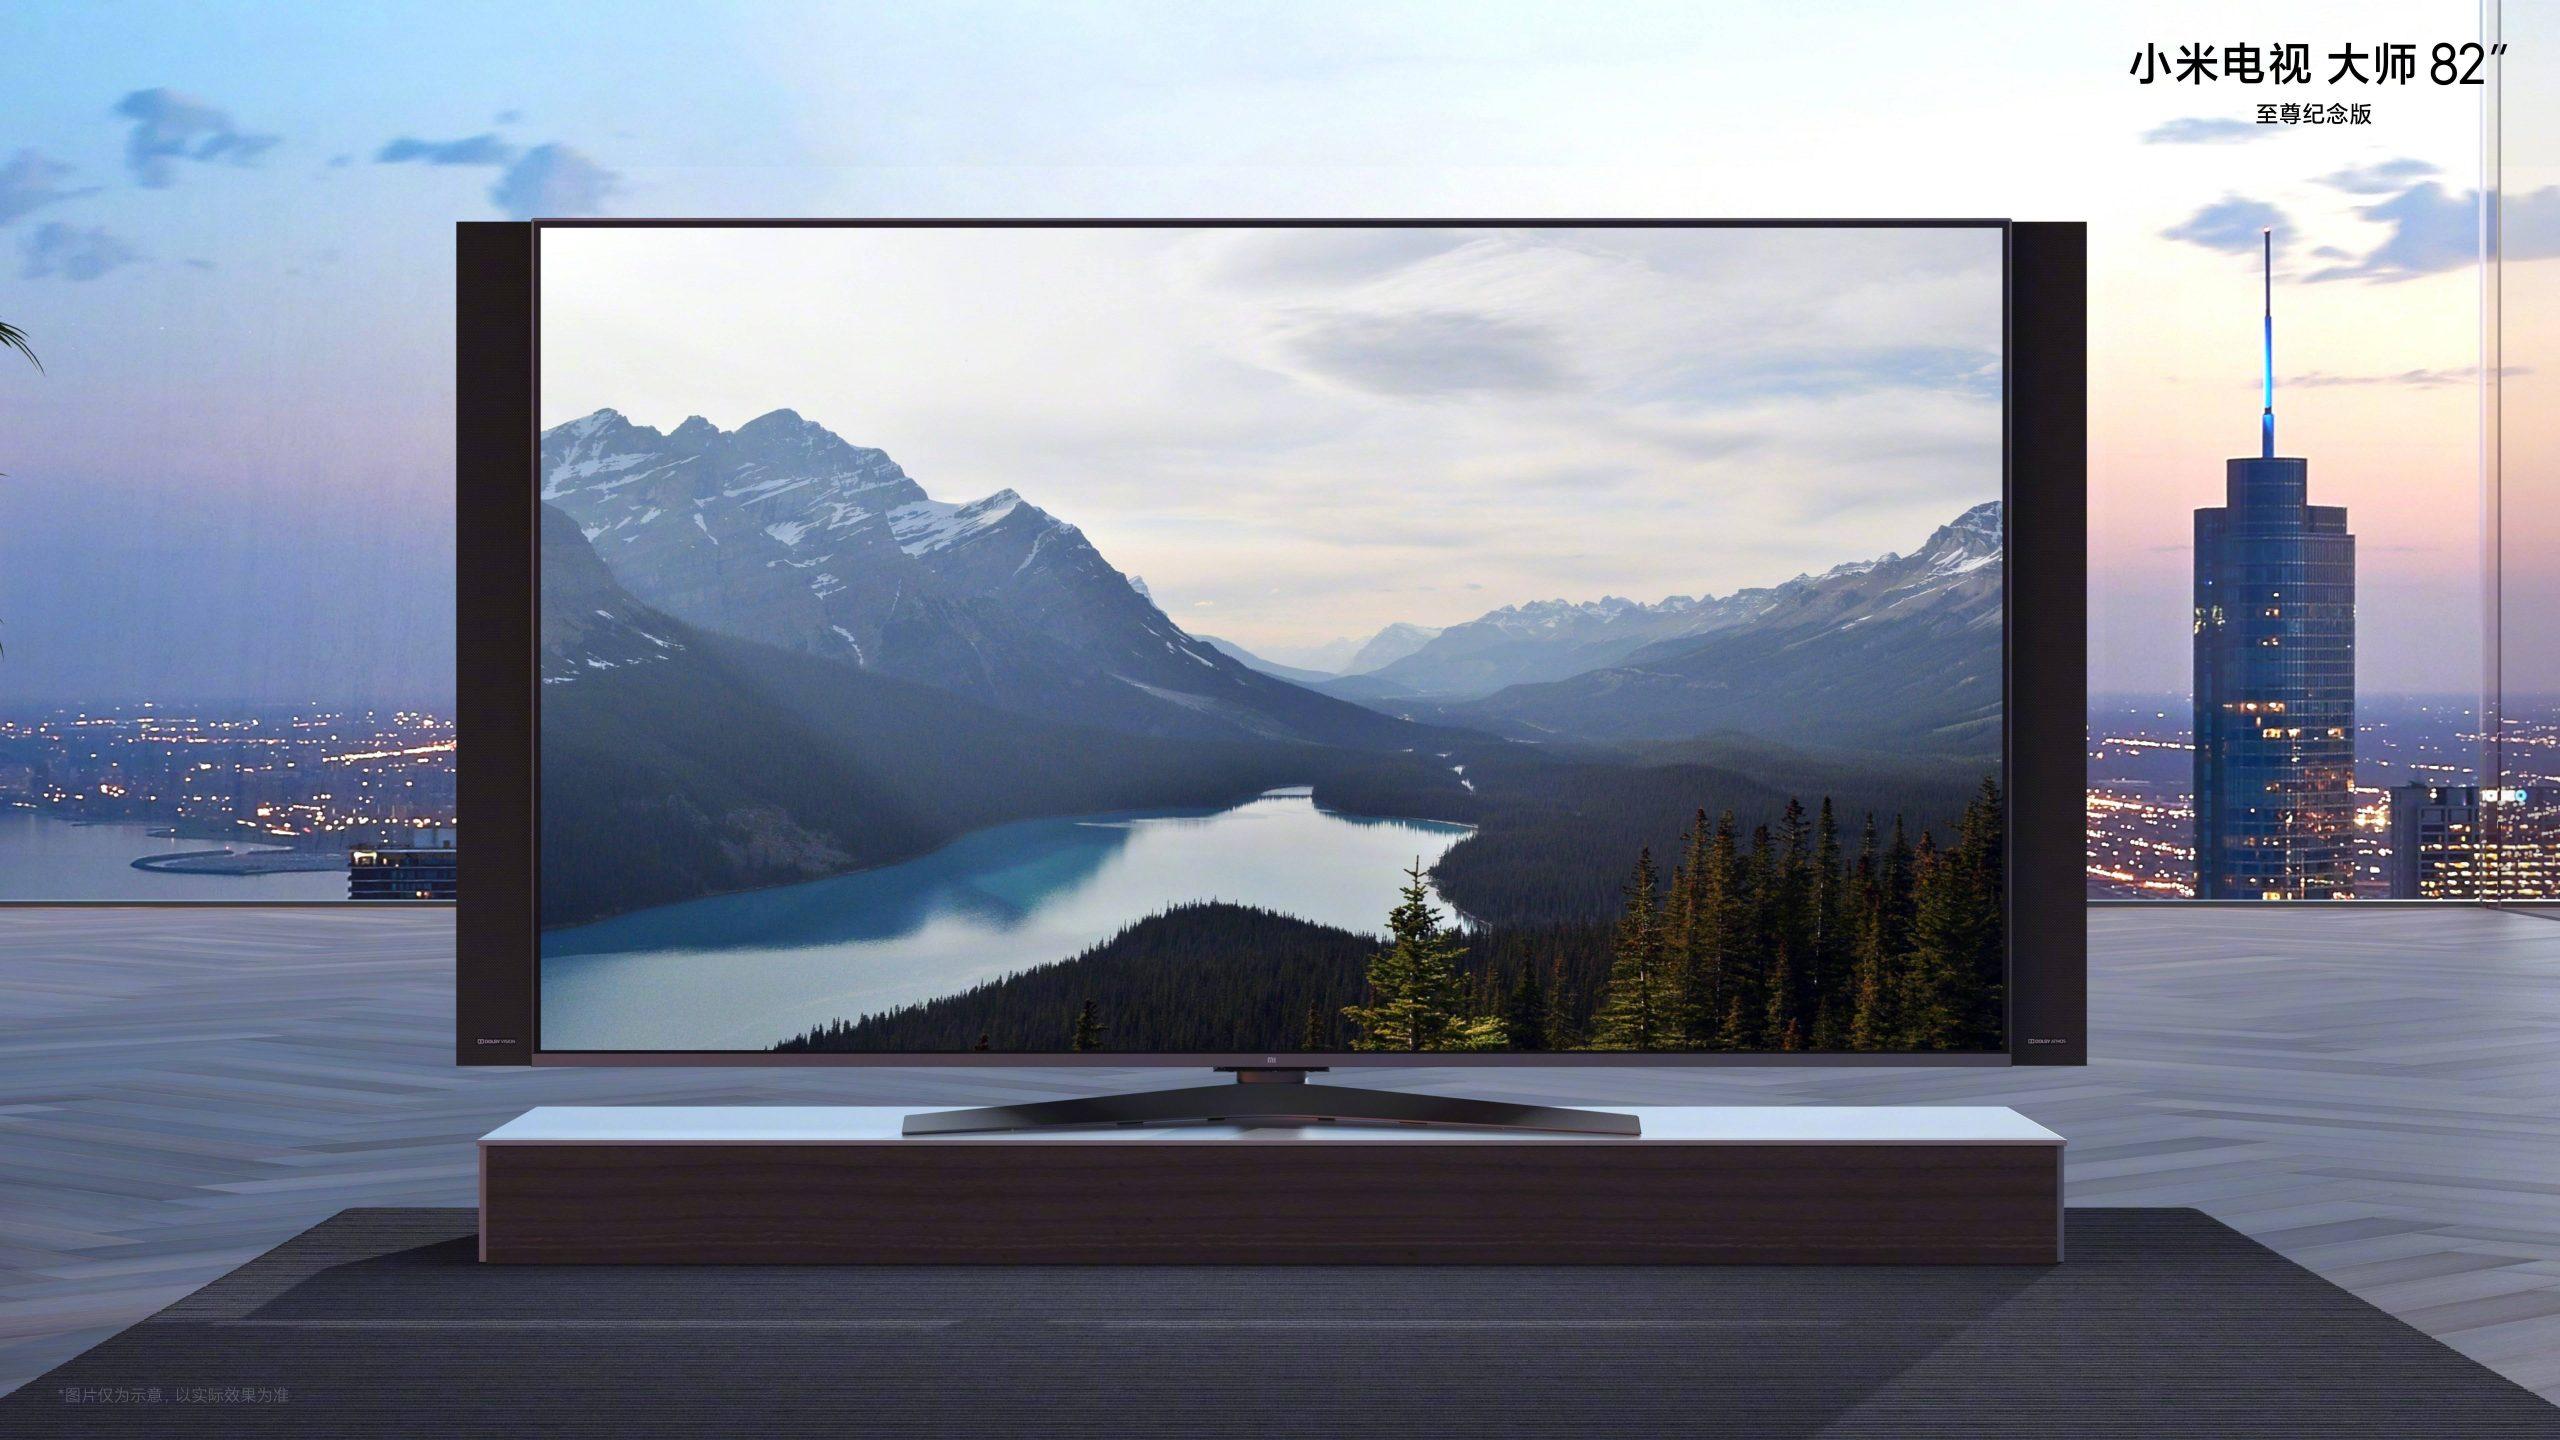 Xiaomi presenta sus nuevos televisores de gama alta: 8K, tecnología miniLED y 5G. Noticias Xiaomi Adictos